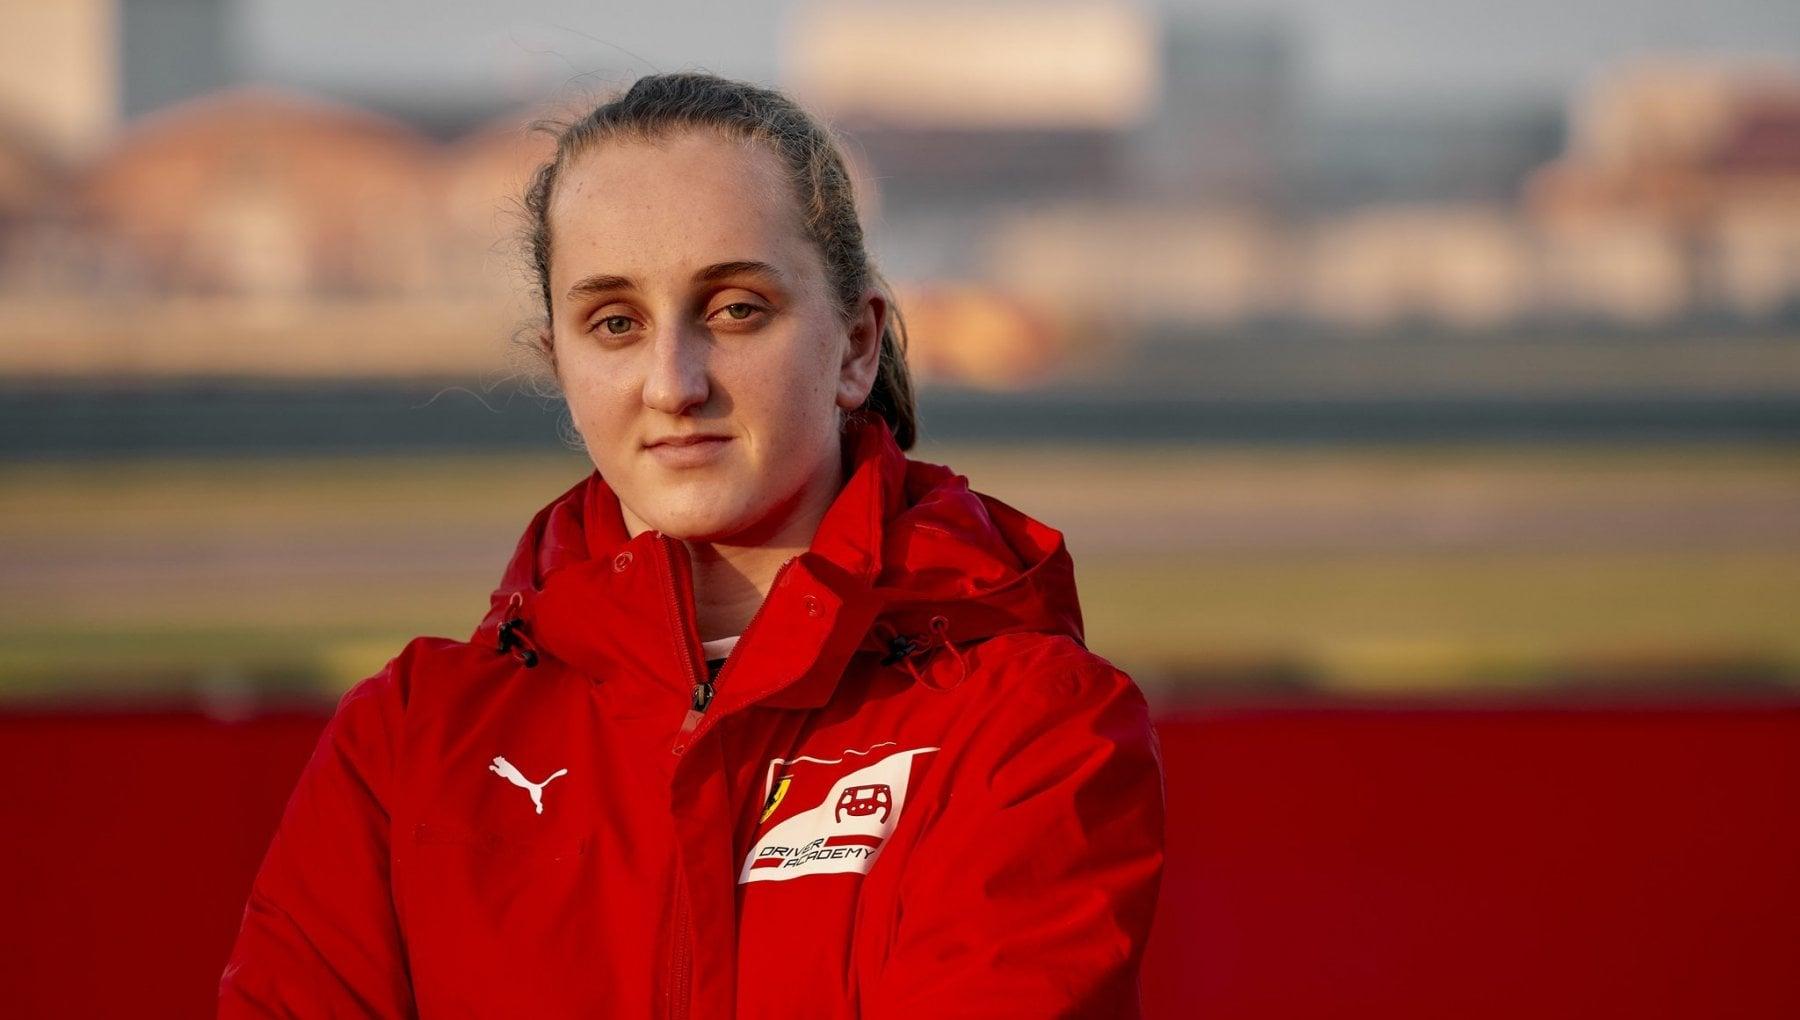 Maya Weug nellAcademy Ferrari prima pilota donna della Scuderia